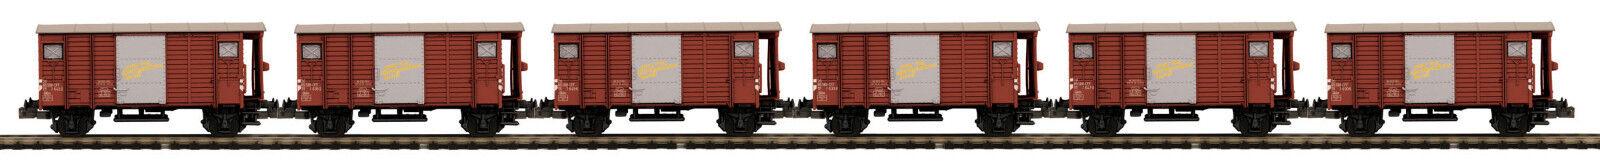 MTH  O  Scale 2 Rail SBB-CFF Guterwagen Box 6 Car Set 20-90913